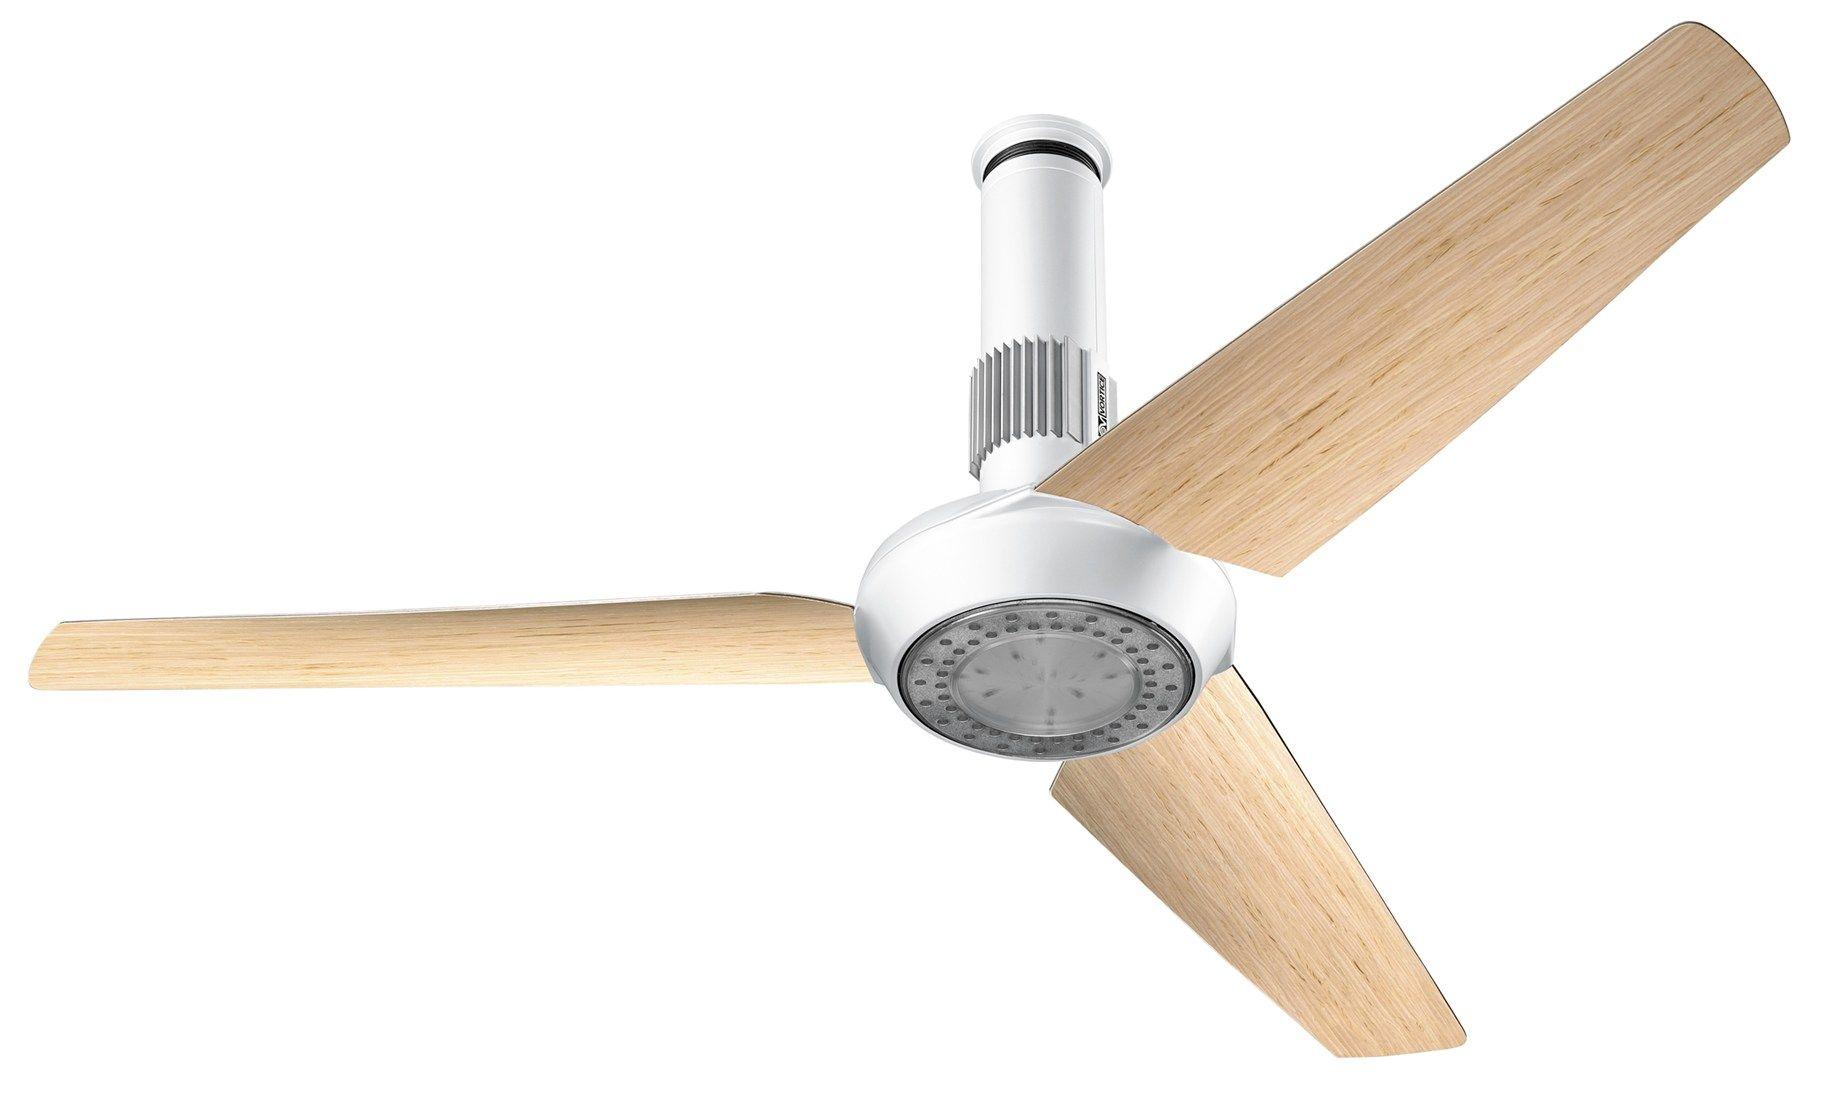 Vortice Lampadari A Pale.Ventilatore Da Soffitto Vortice Bianco A Moderno Di Design Con Pale Luce Lampada Ventilatori A Soffitto Elettrodomestici Cumpardeacasa Com